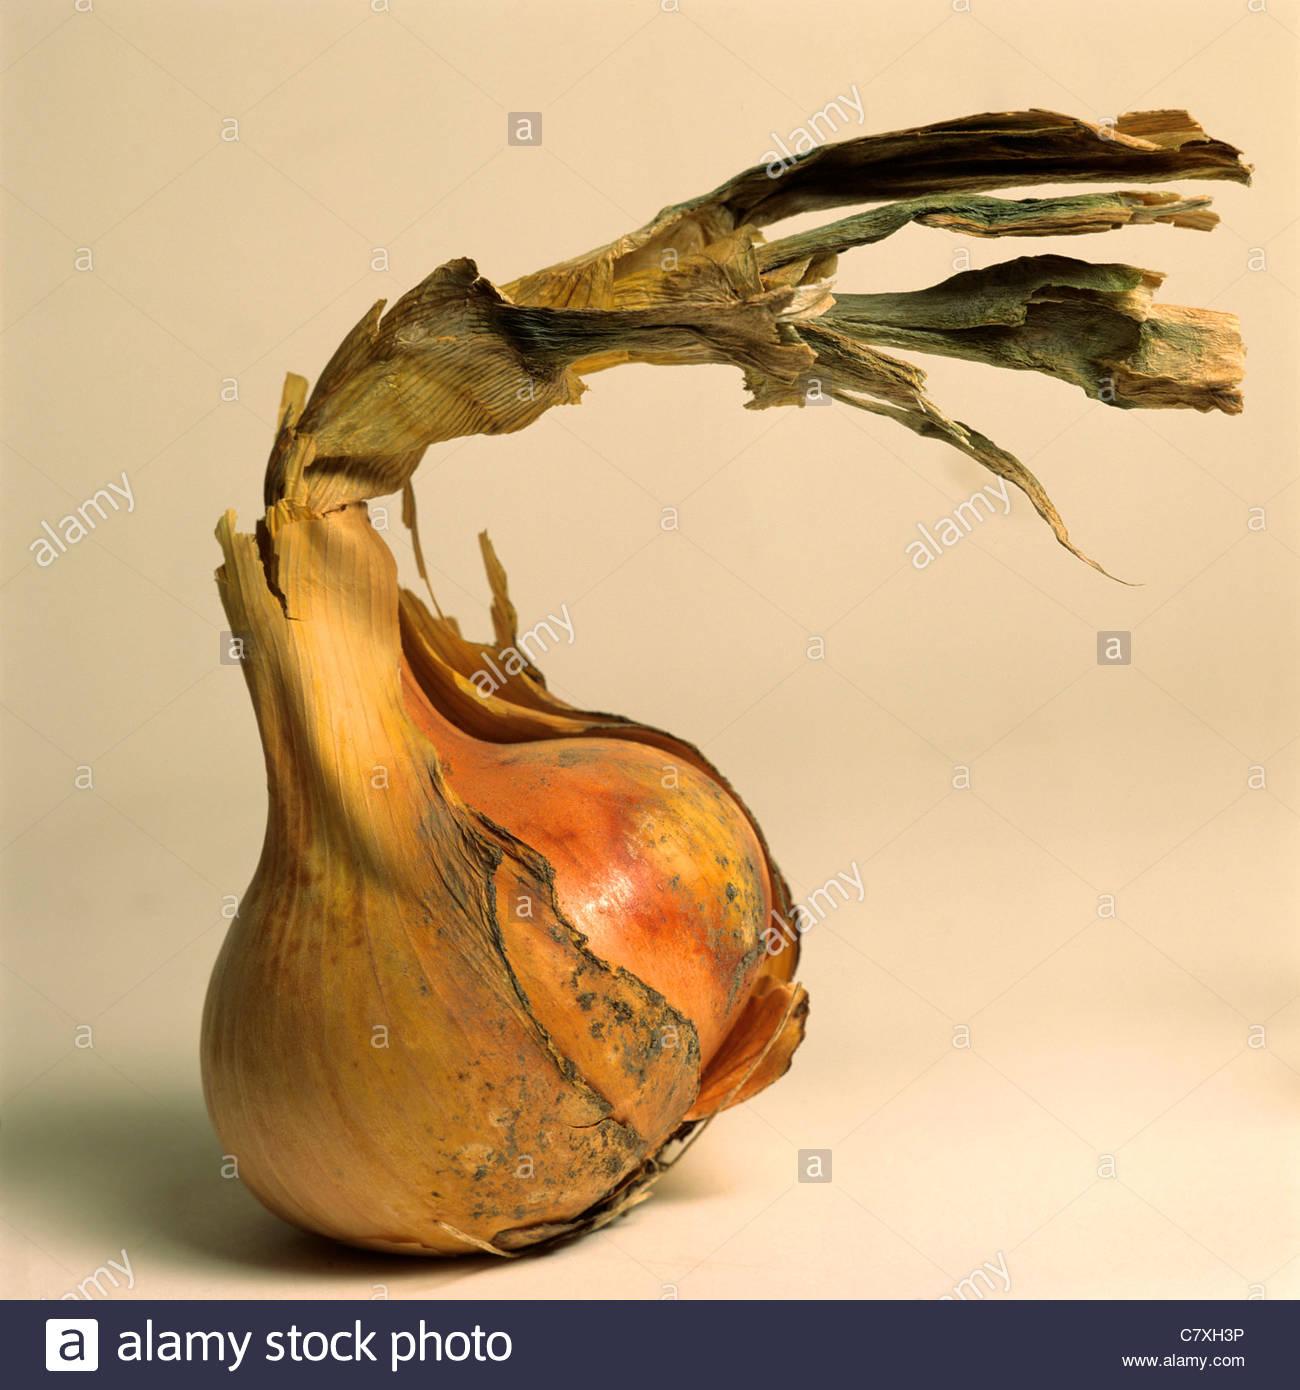 Cebola com peeling pele Imagens de Stock